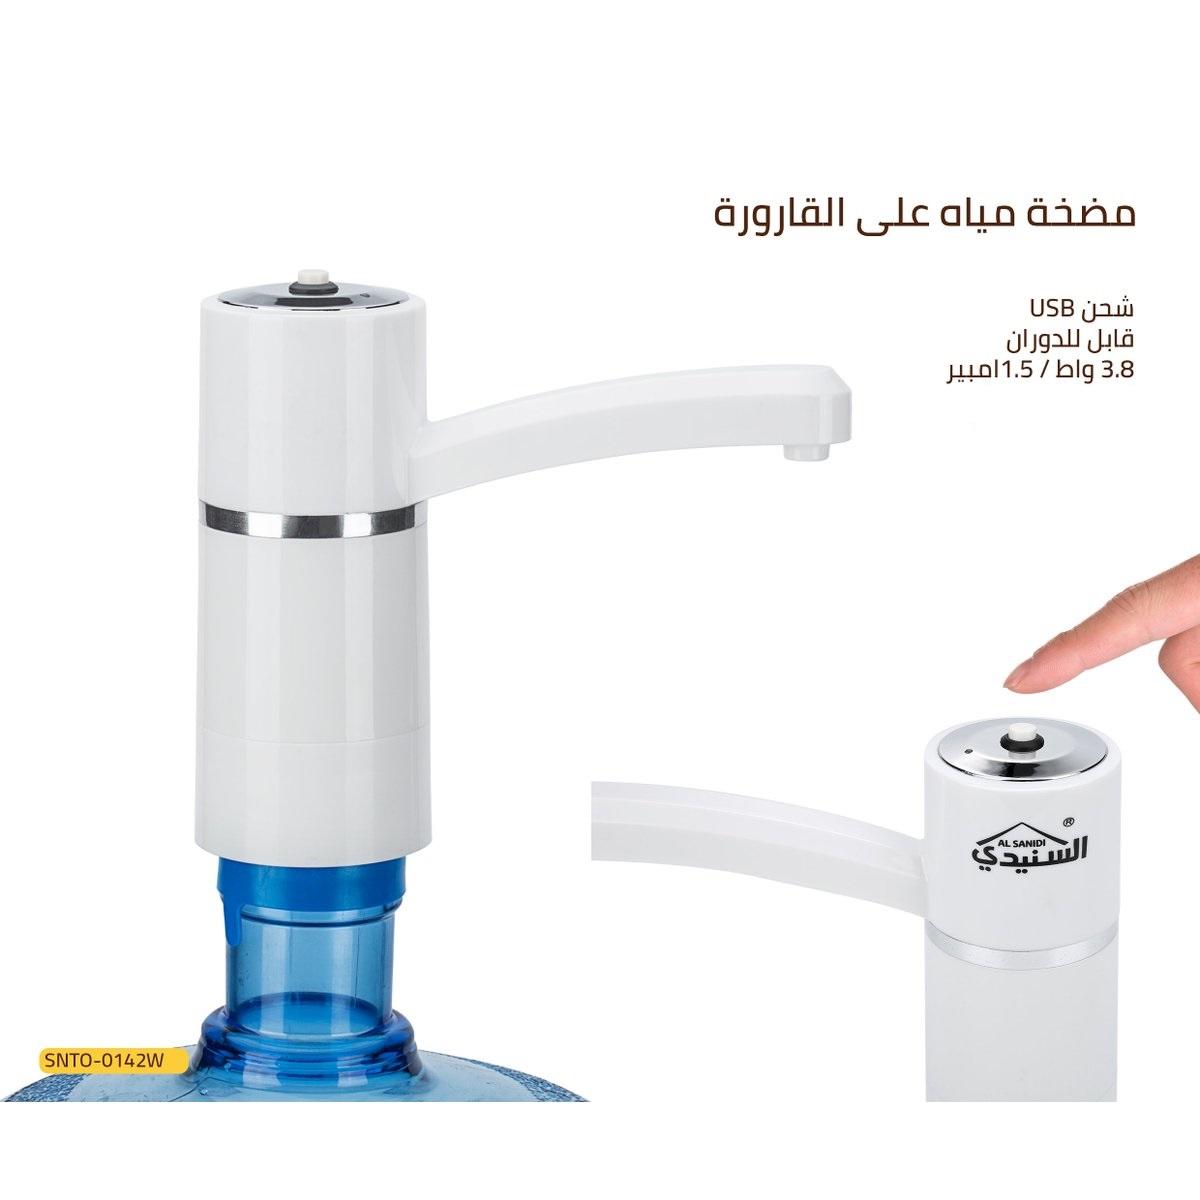 مضخة مياه على القارورة شحن USB مع لي SNTO-0142W